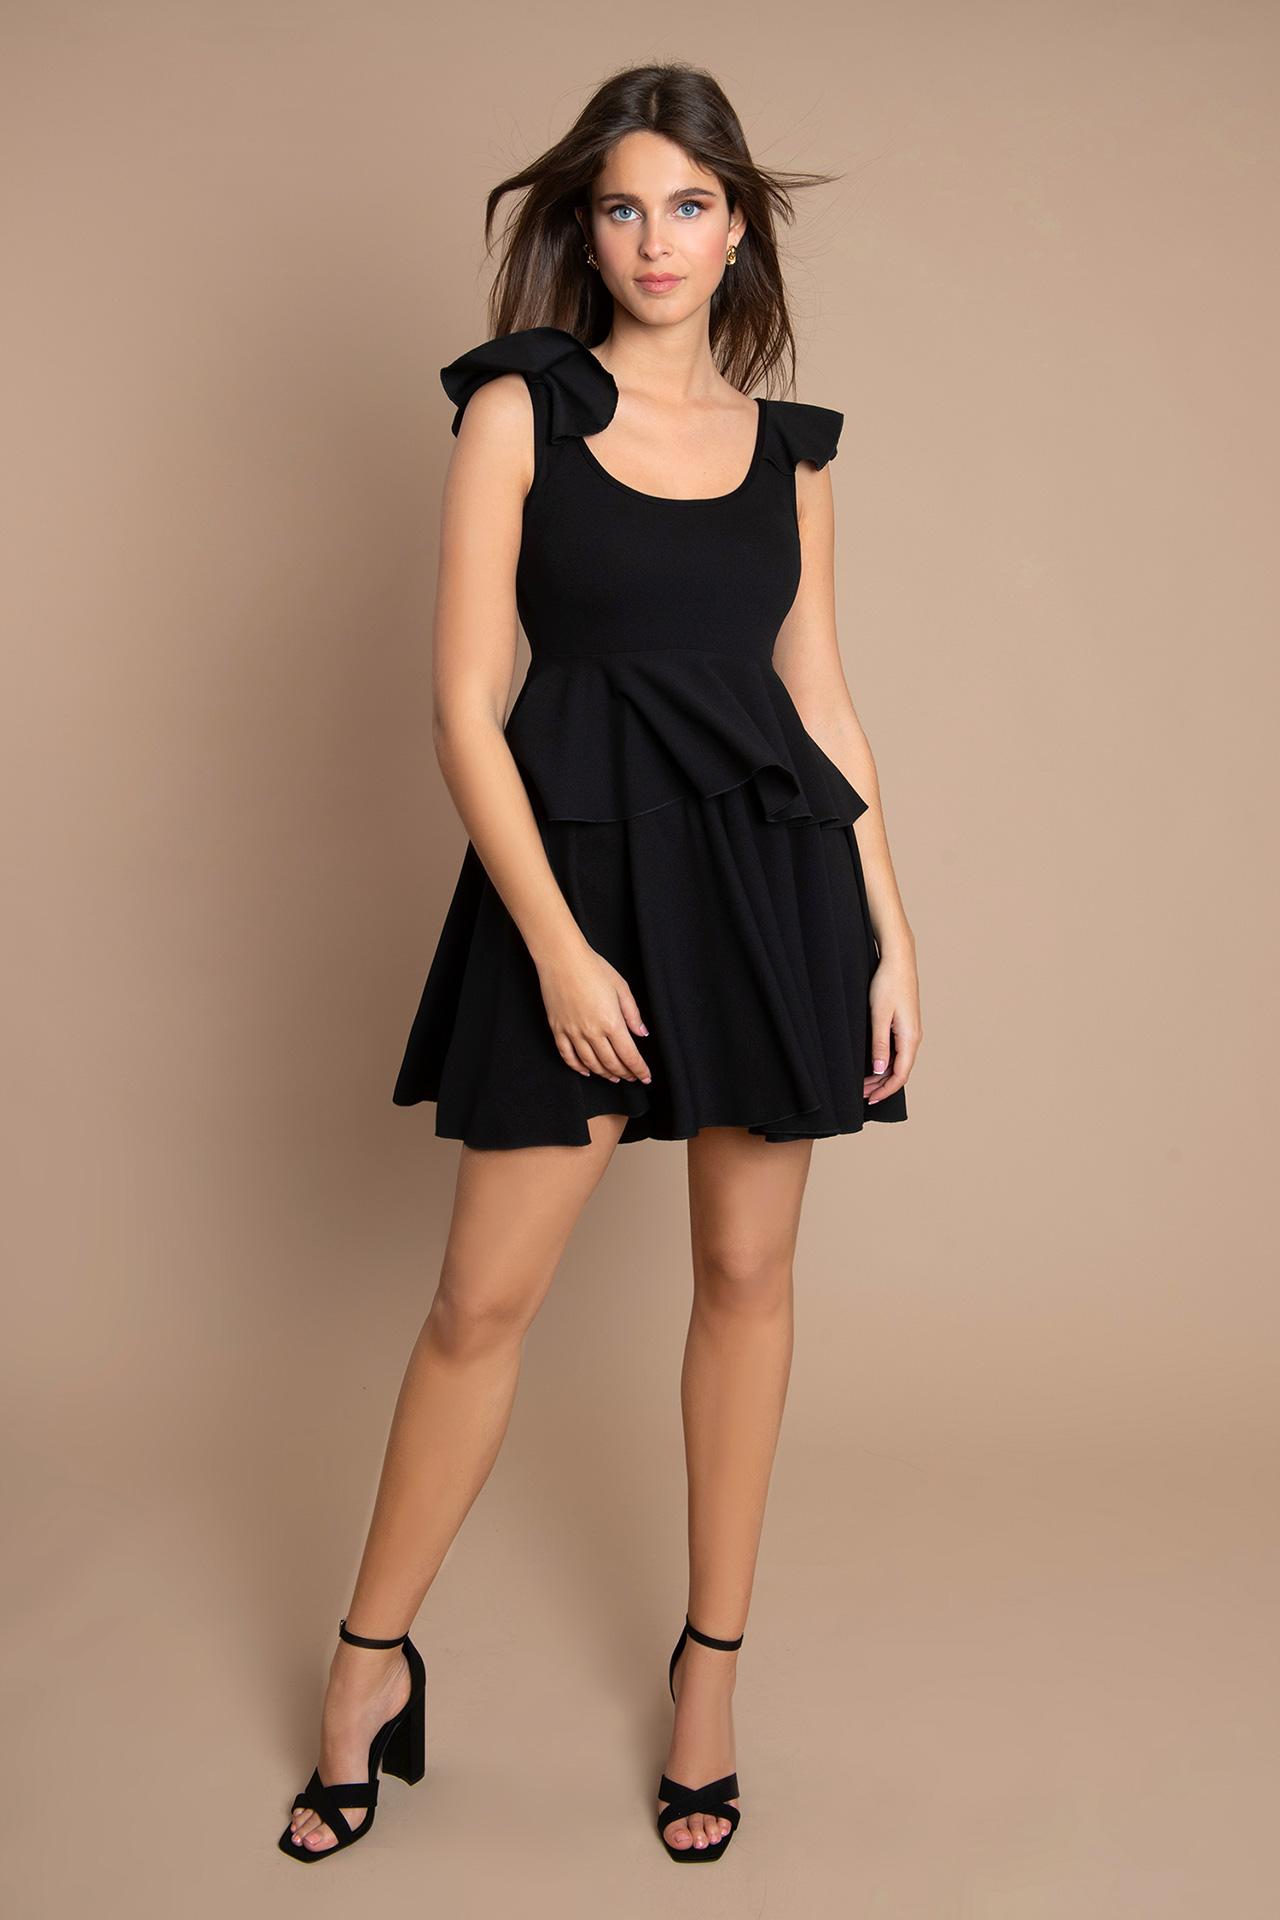 Petite Robe Noire Patineuse (de dos)